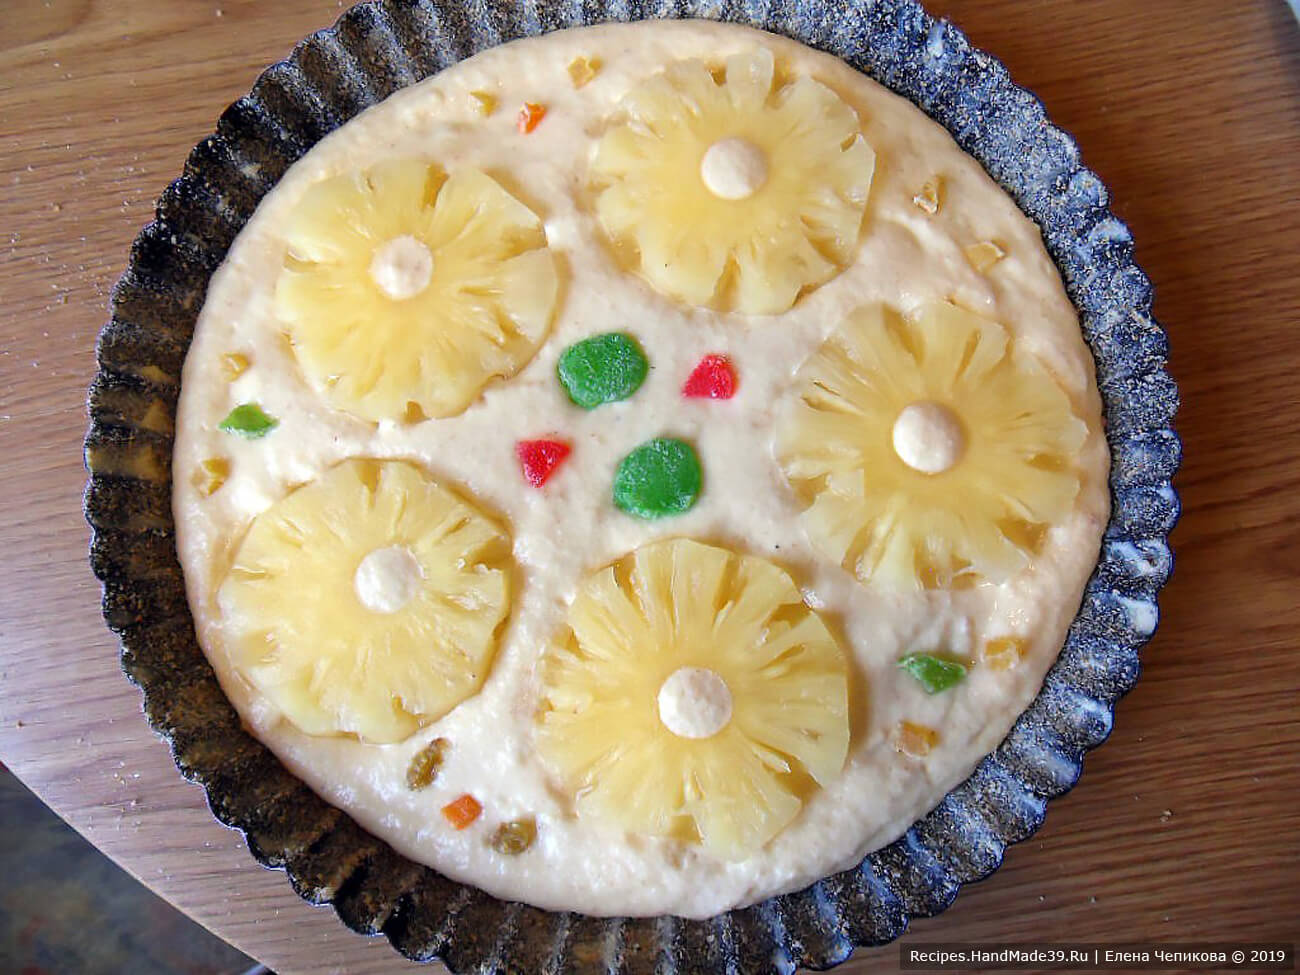 Манник на йогурте – фото шаг 7. Выложить на тесто кольца ананасов, слегка вдавить в тесто. Дополнительно можно выложить кусочки цукатов, мармелад